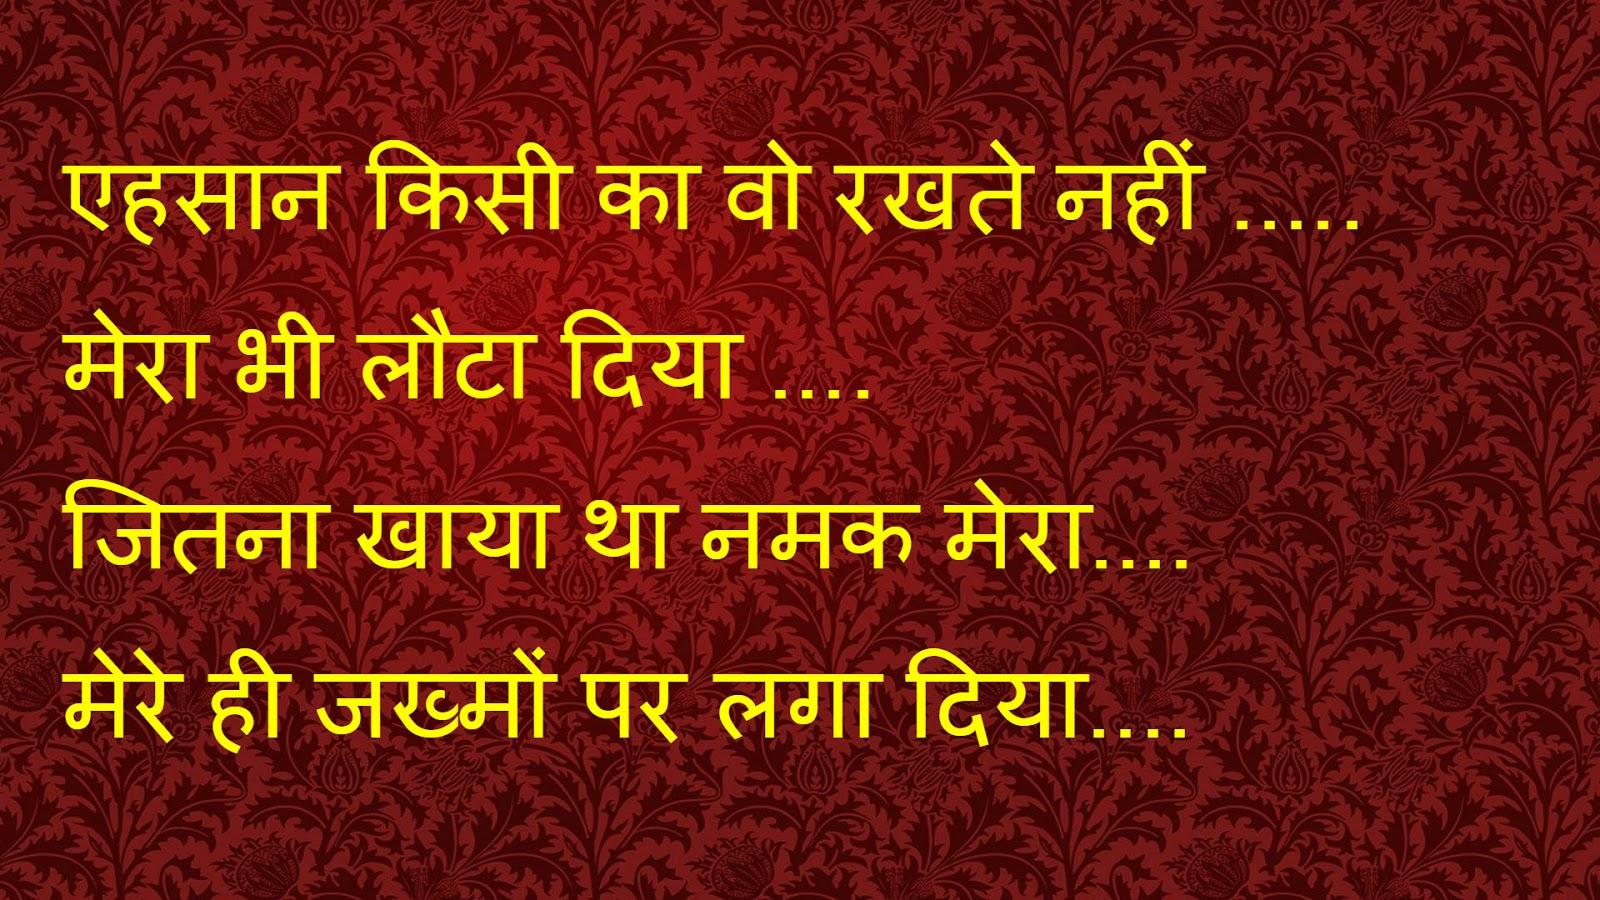 Hindi Shayari Bild Kostenloser Download :: vingnobsfranum ml